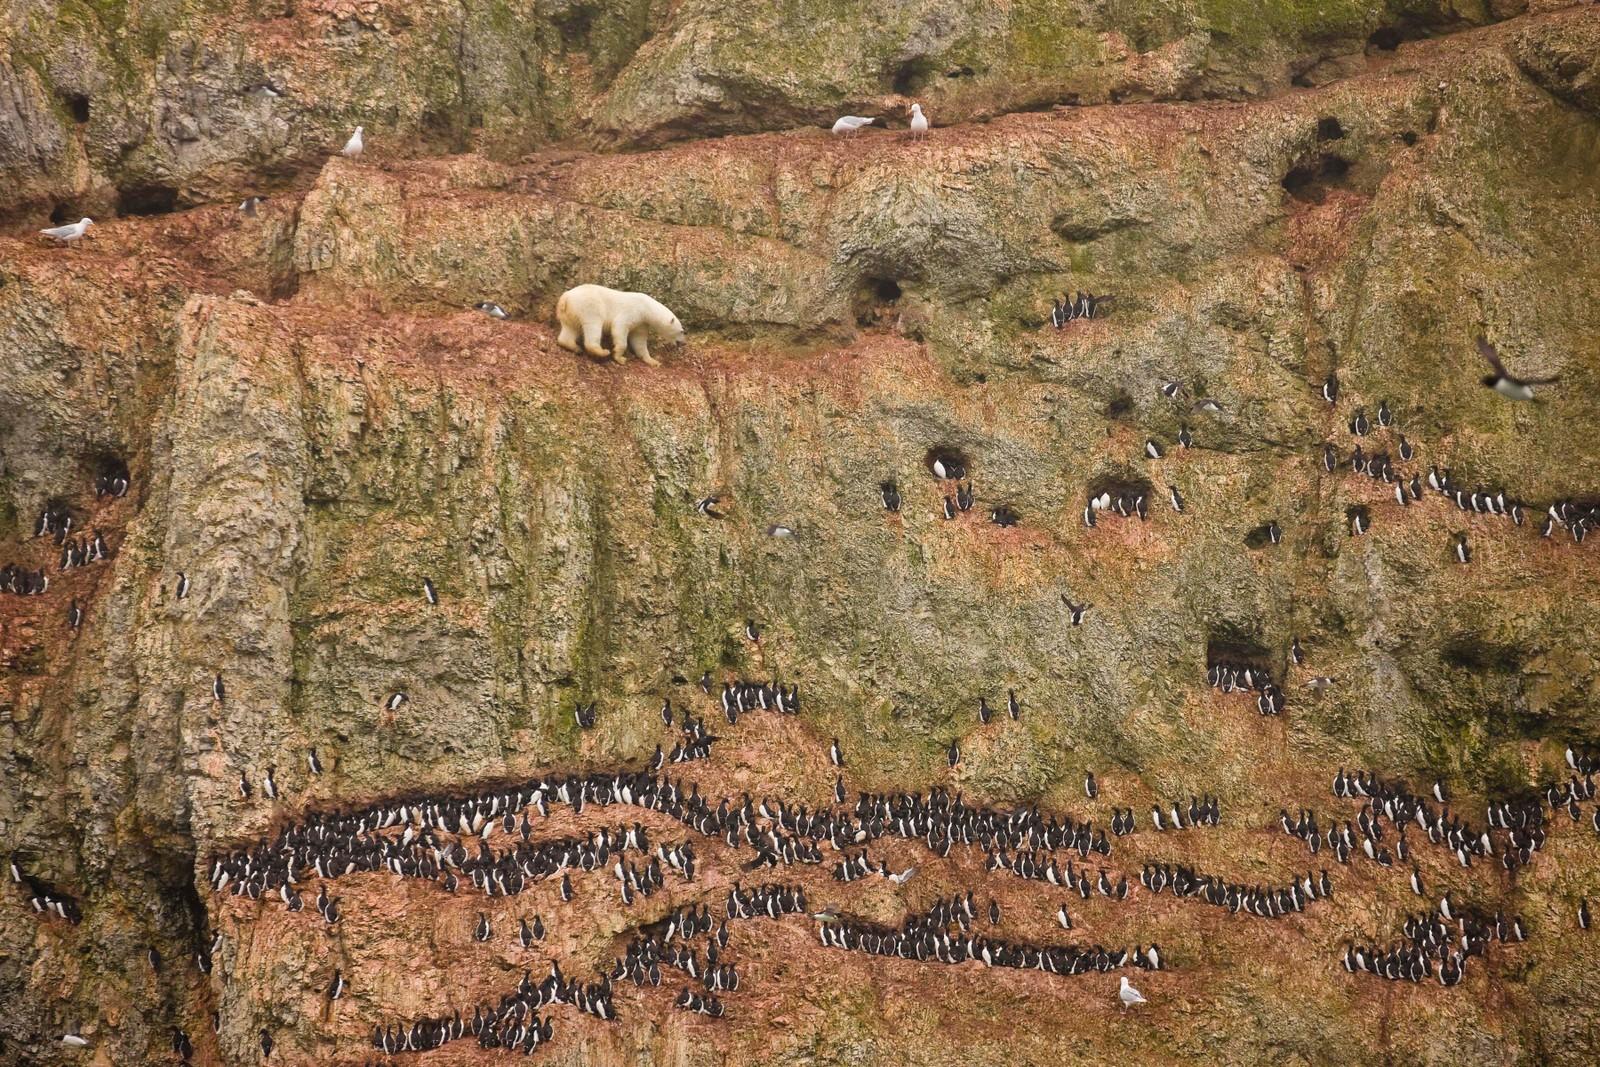 VÅGALT: Isbjørnen fanger småpattedyr, fugl, egg og plantekost når det er dårlig tilgang på større bytte. Her er en stor hannbjørn på klatretur nord på Novaja Semlja i 2012.